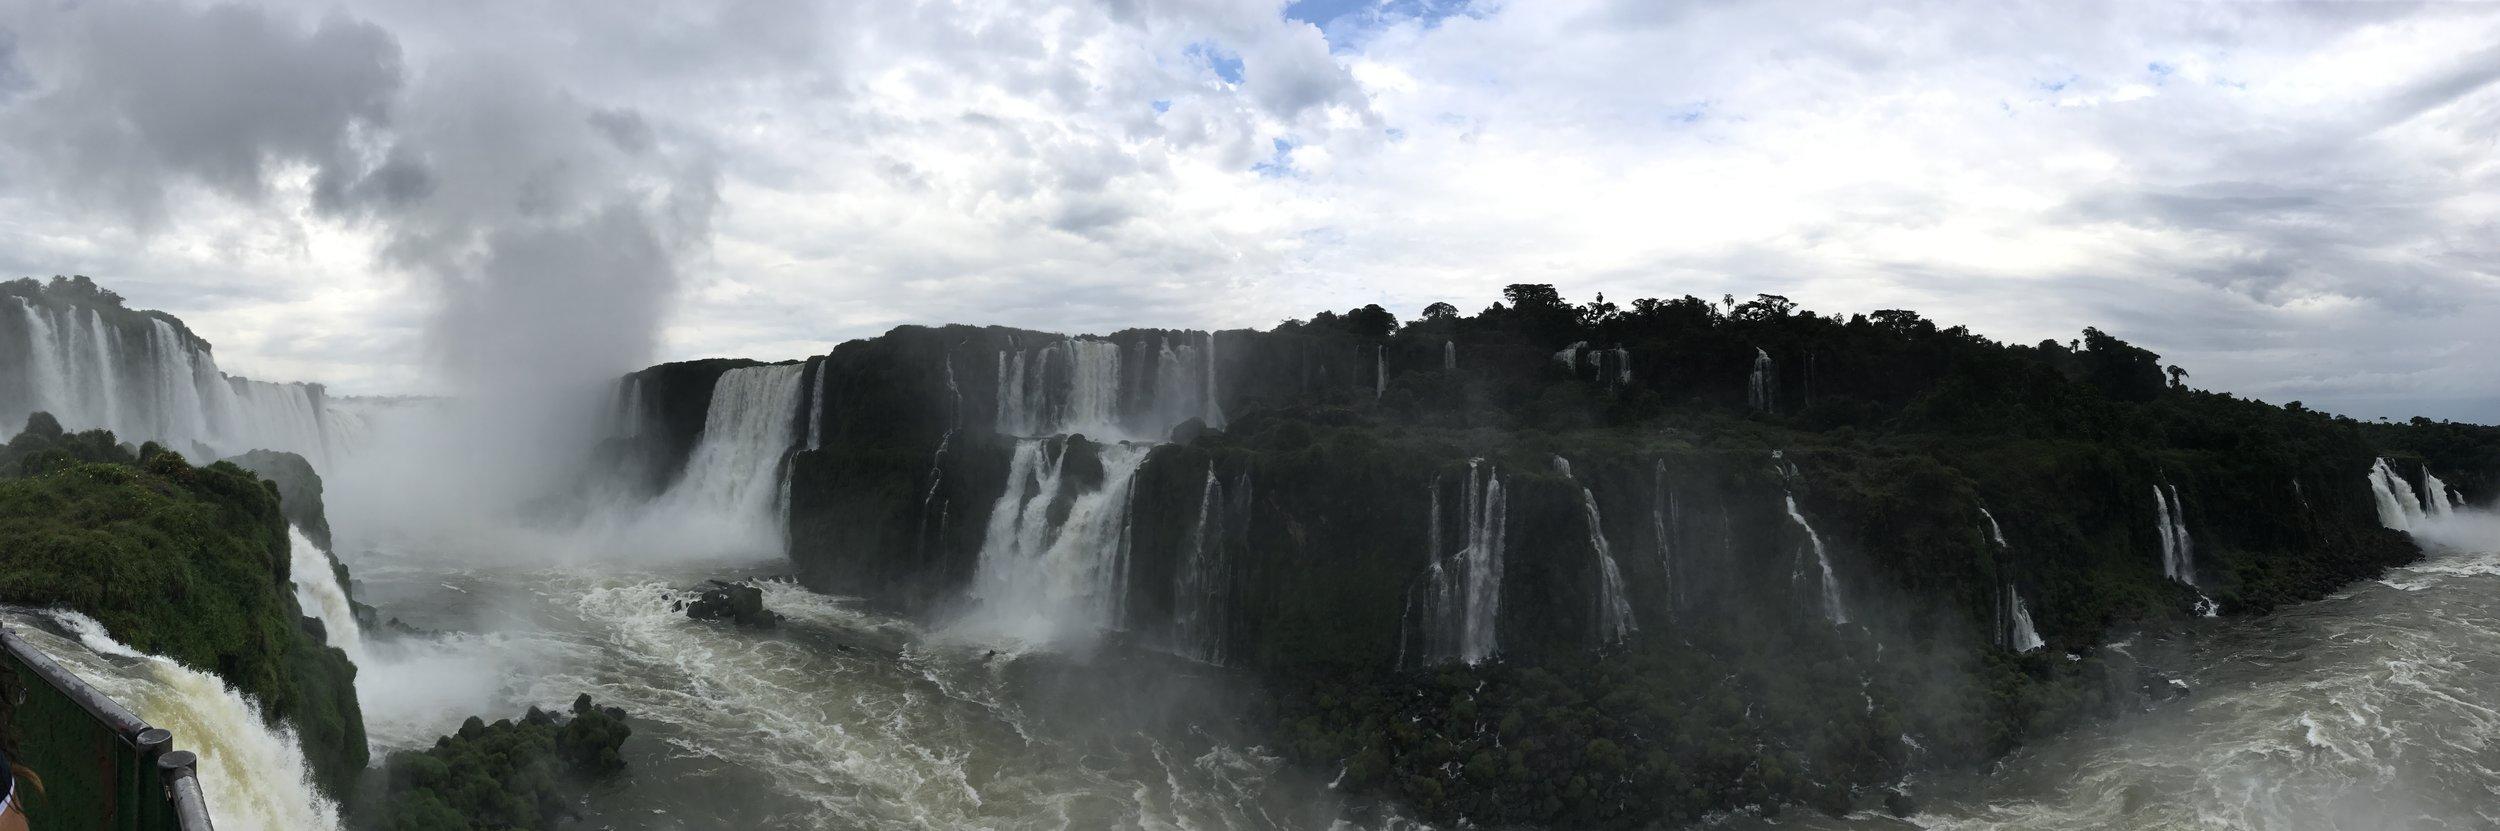 Panorama of IguazúFalls